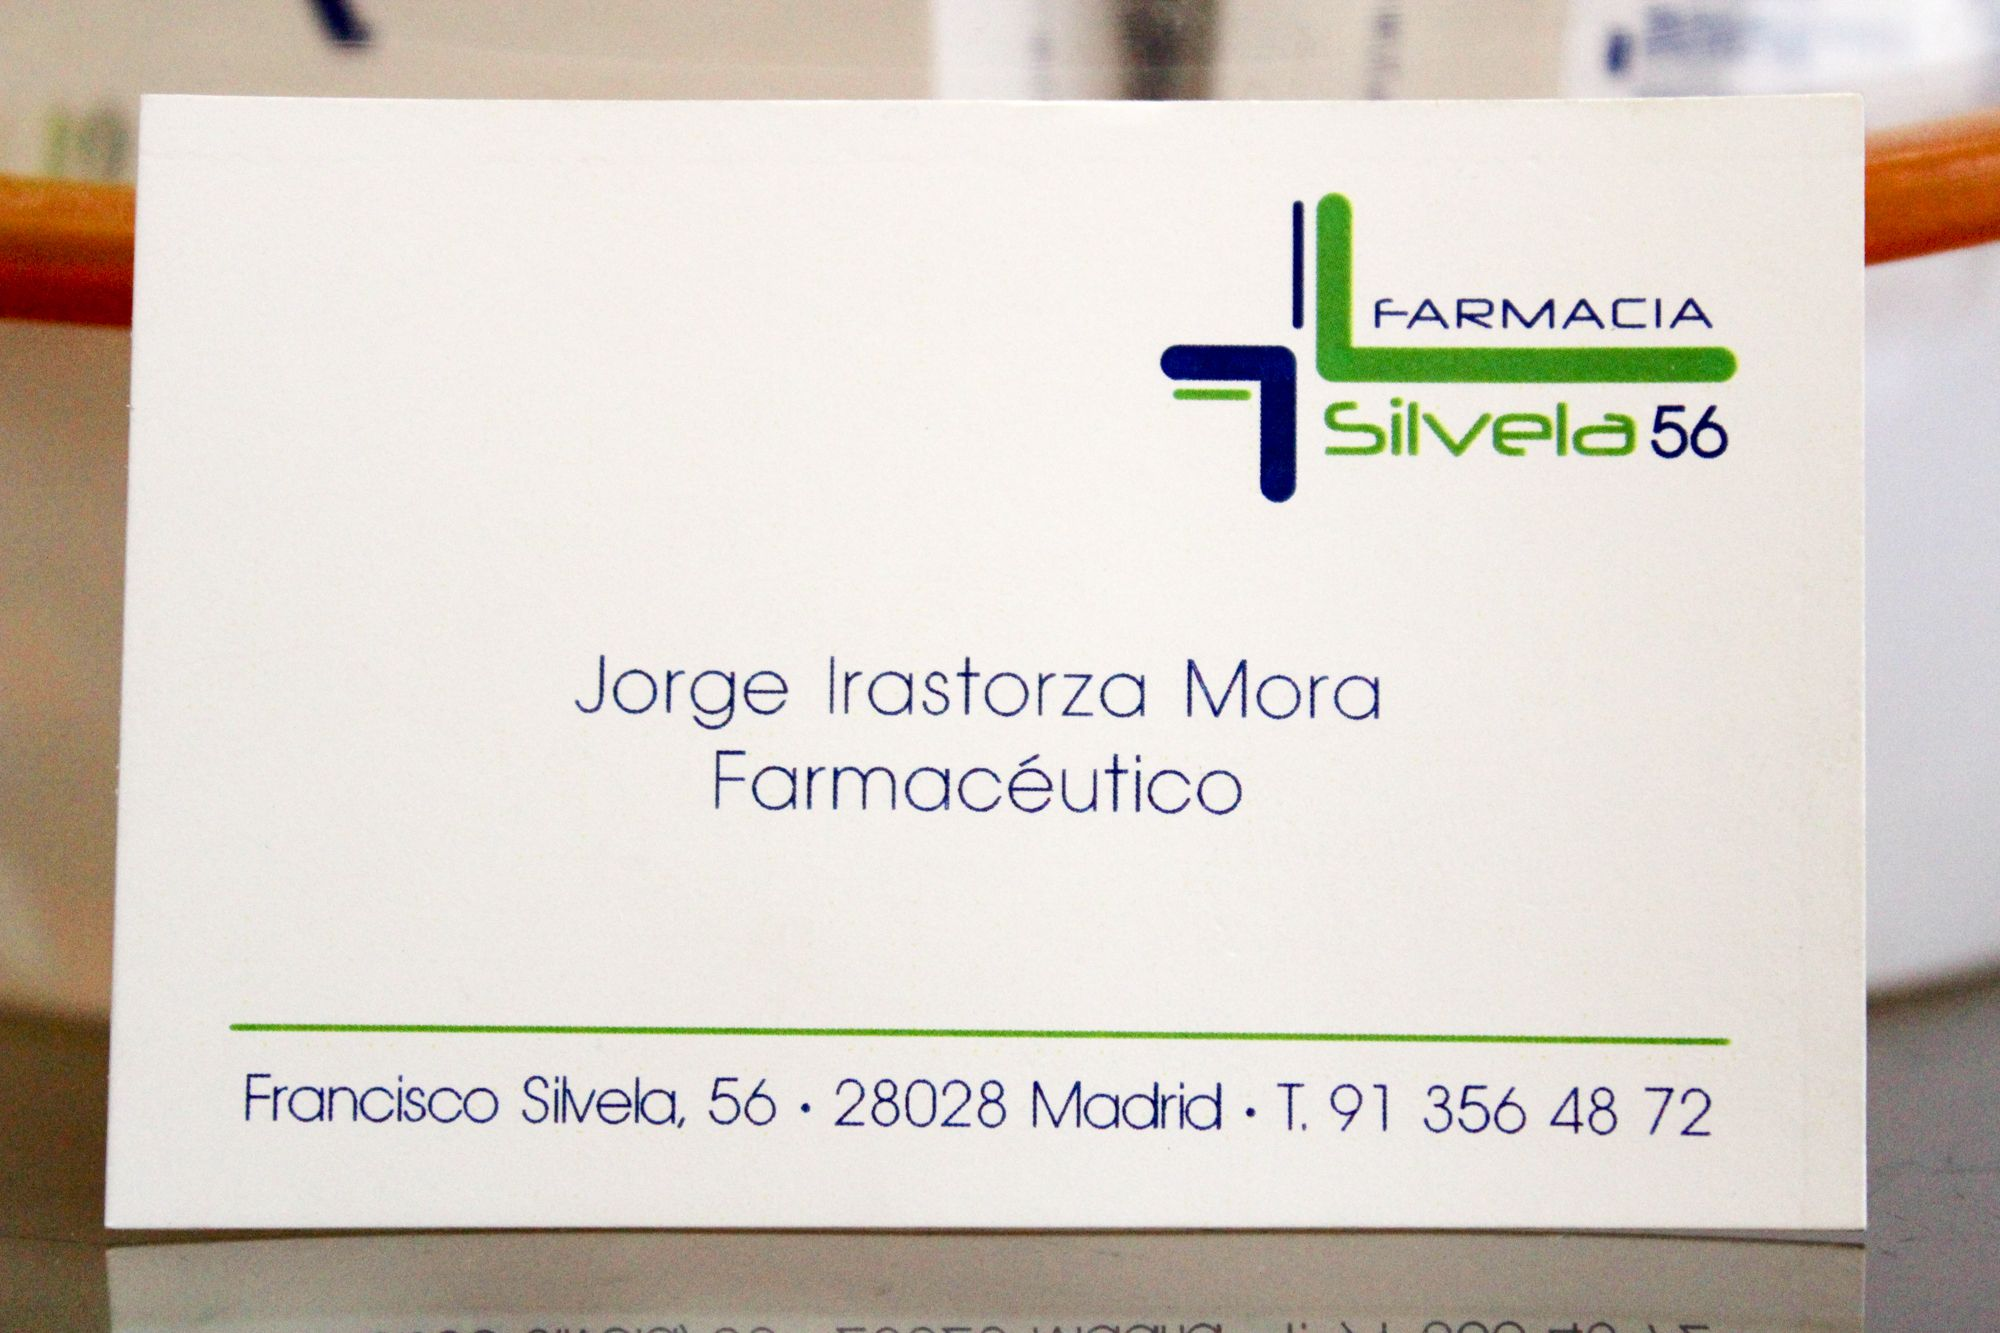 Foto 3 de Farmacias en Madrid | Farmacia Silvela 56